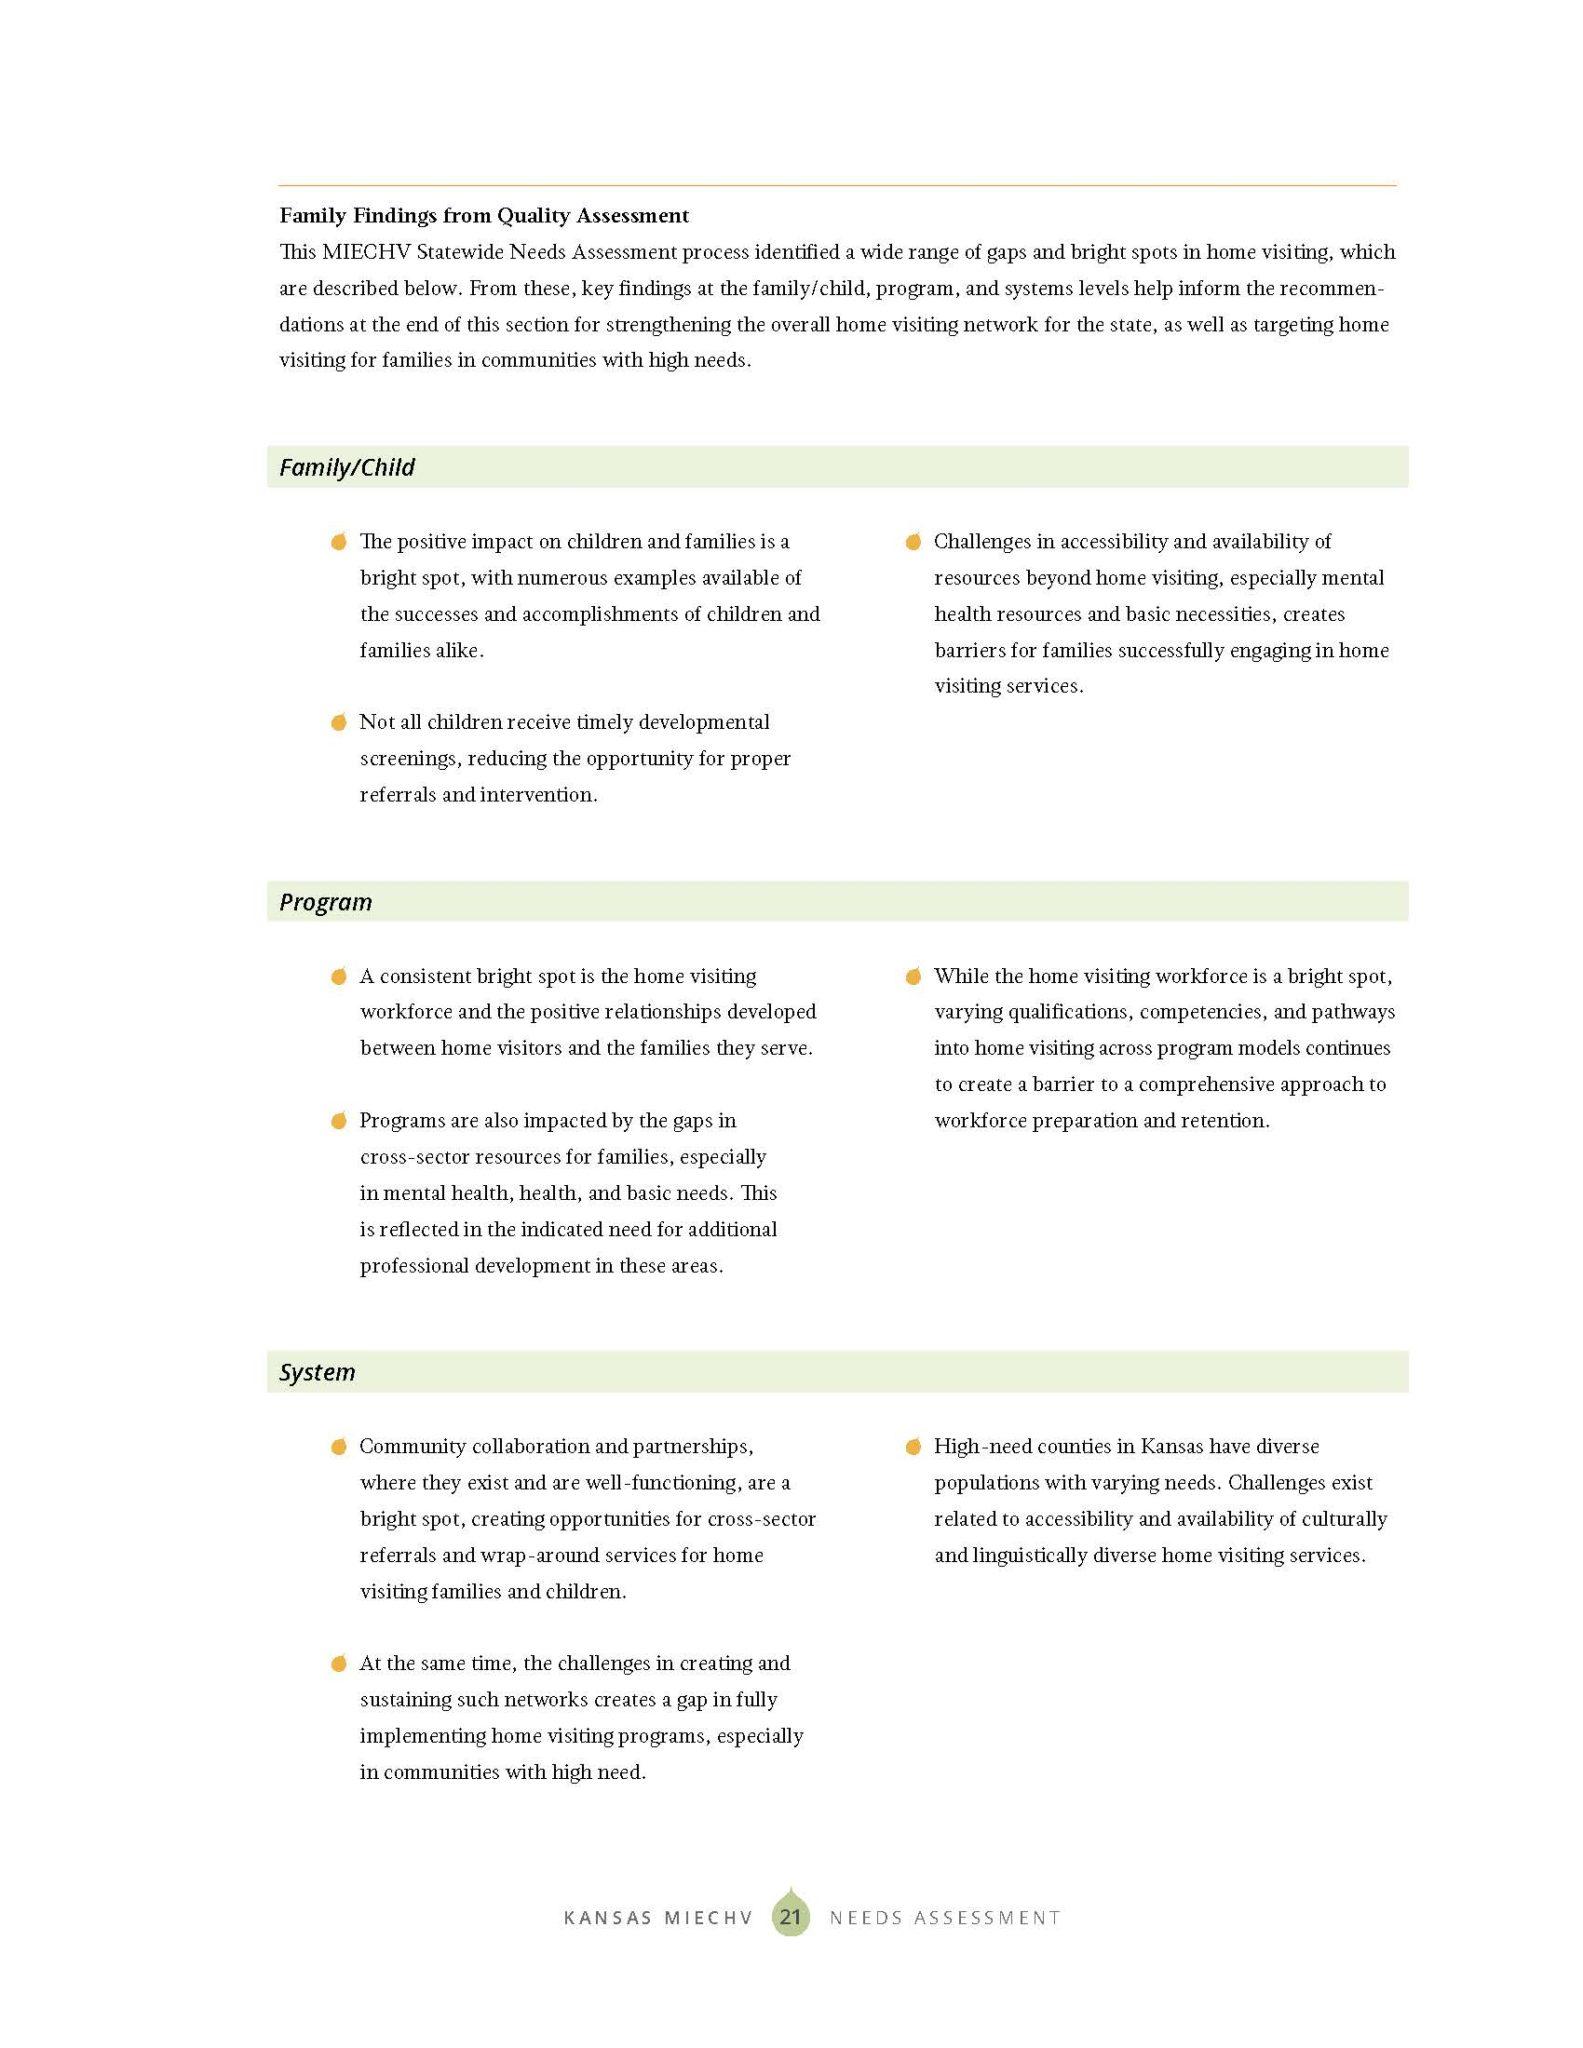 KS MIECHV 2020 Needs Assessment_DIGITAL_Page_029